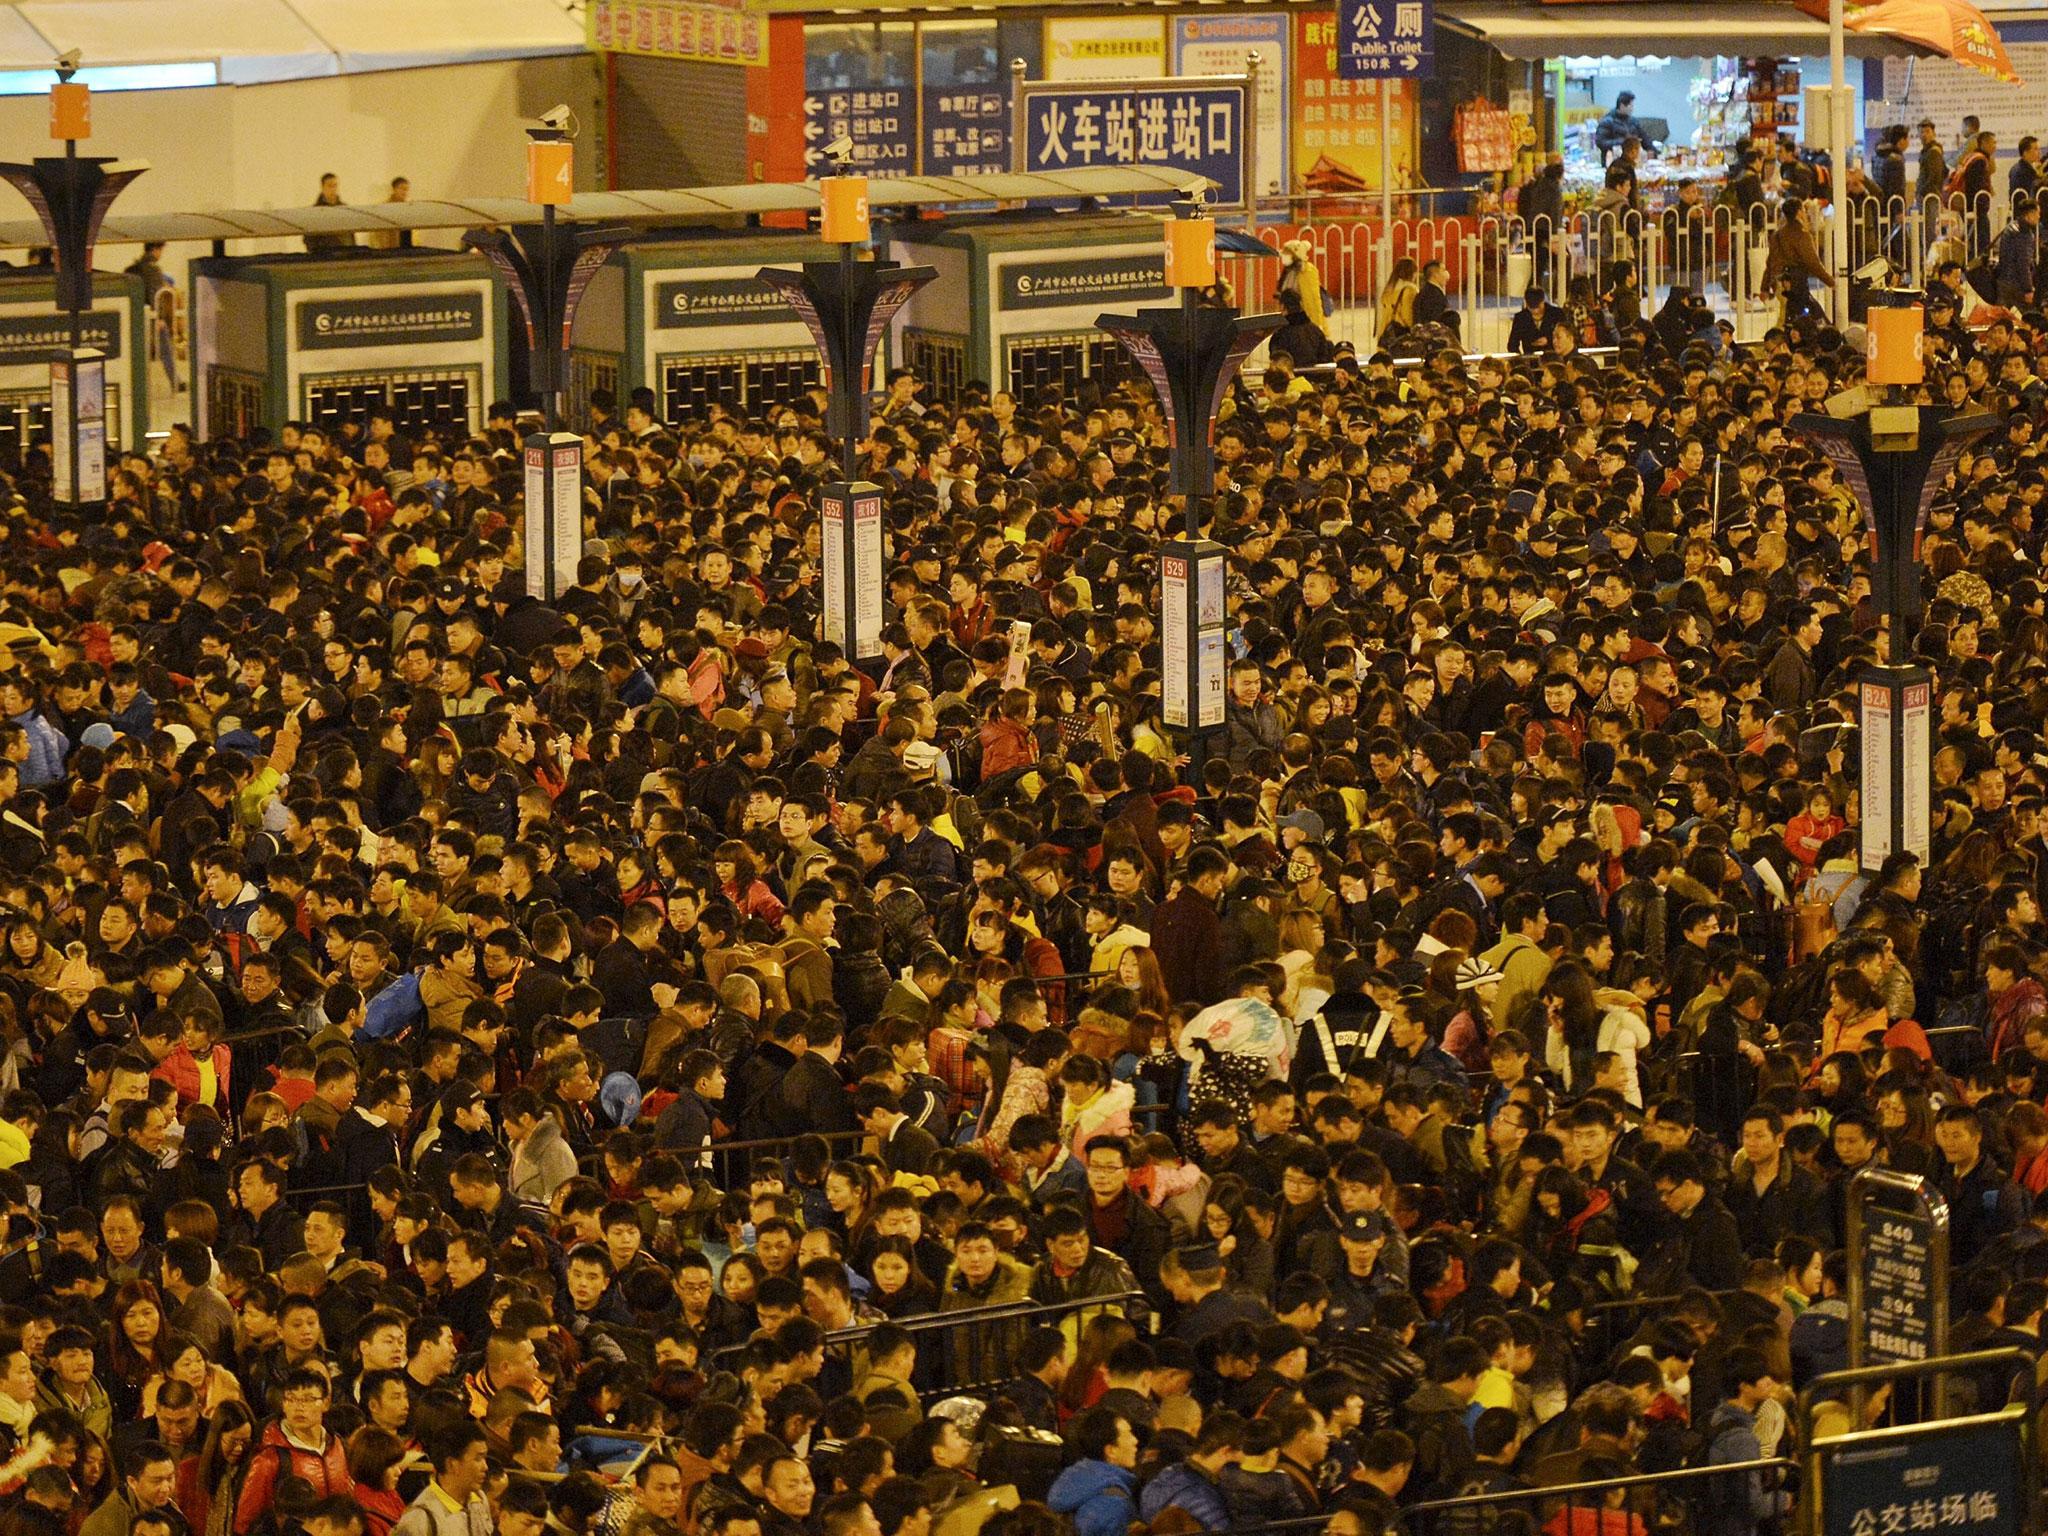 Estación de trenes en Guangzhou, China